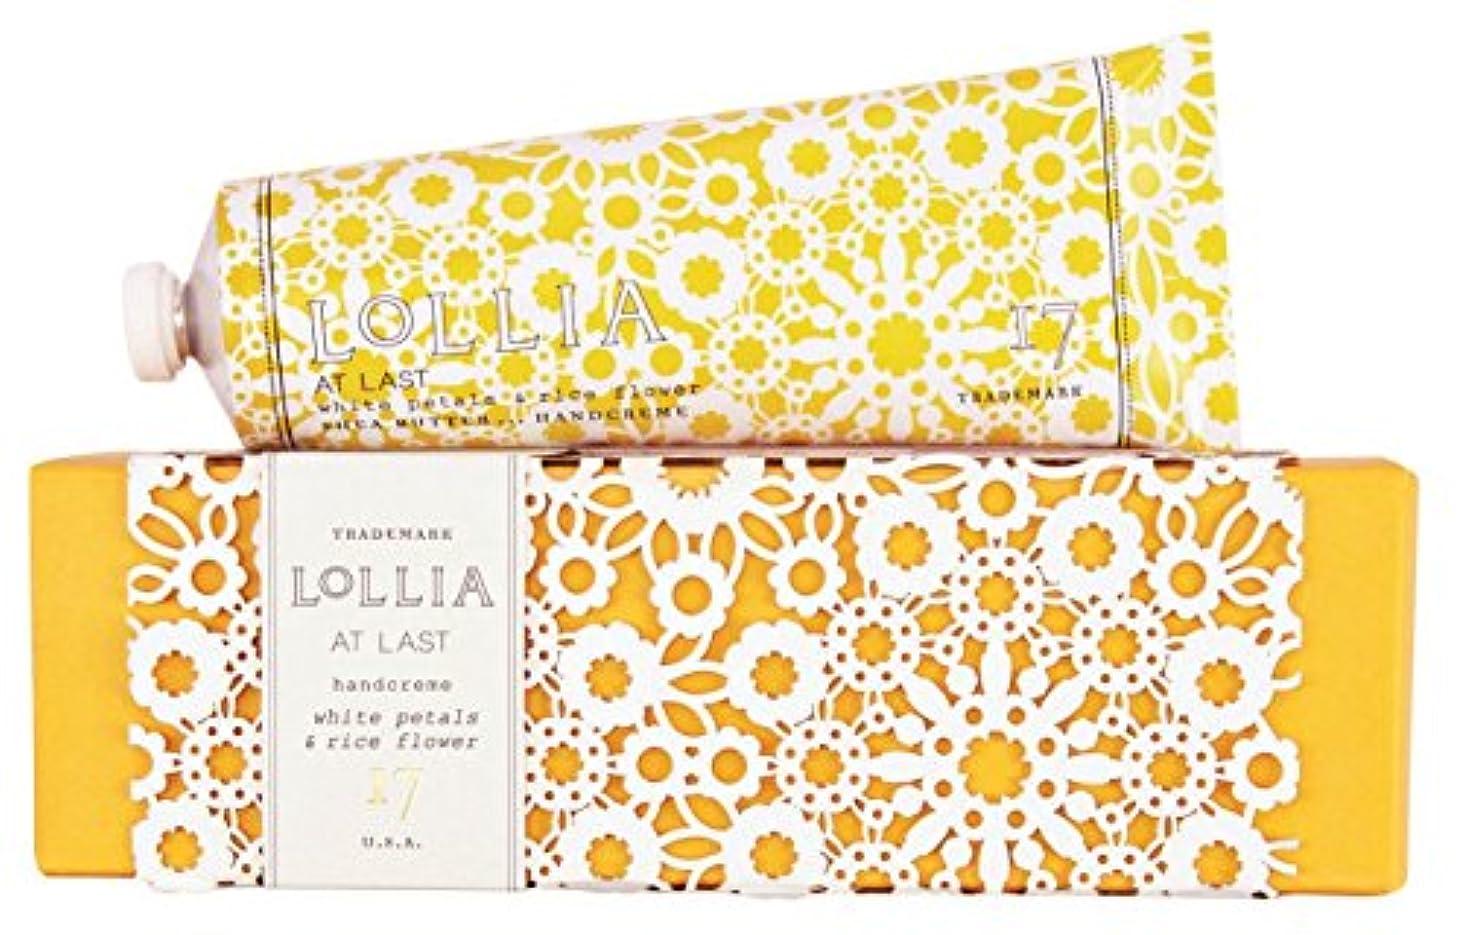 申し立て発行配偶者ロリア(LoLLIA) ミニハンドクリーム AtLast 9.3g(手肌用保湿クリーム ライスフラワー、マグノリアとミモザの柔らかな花々の香り))